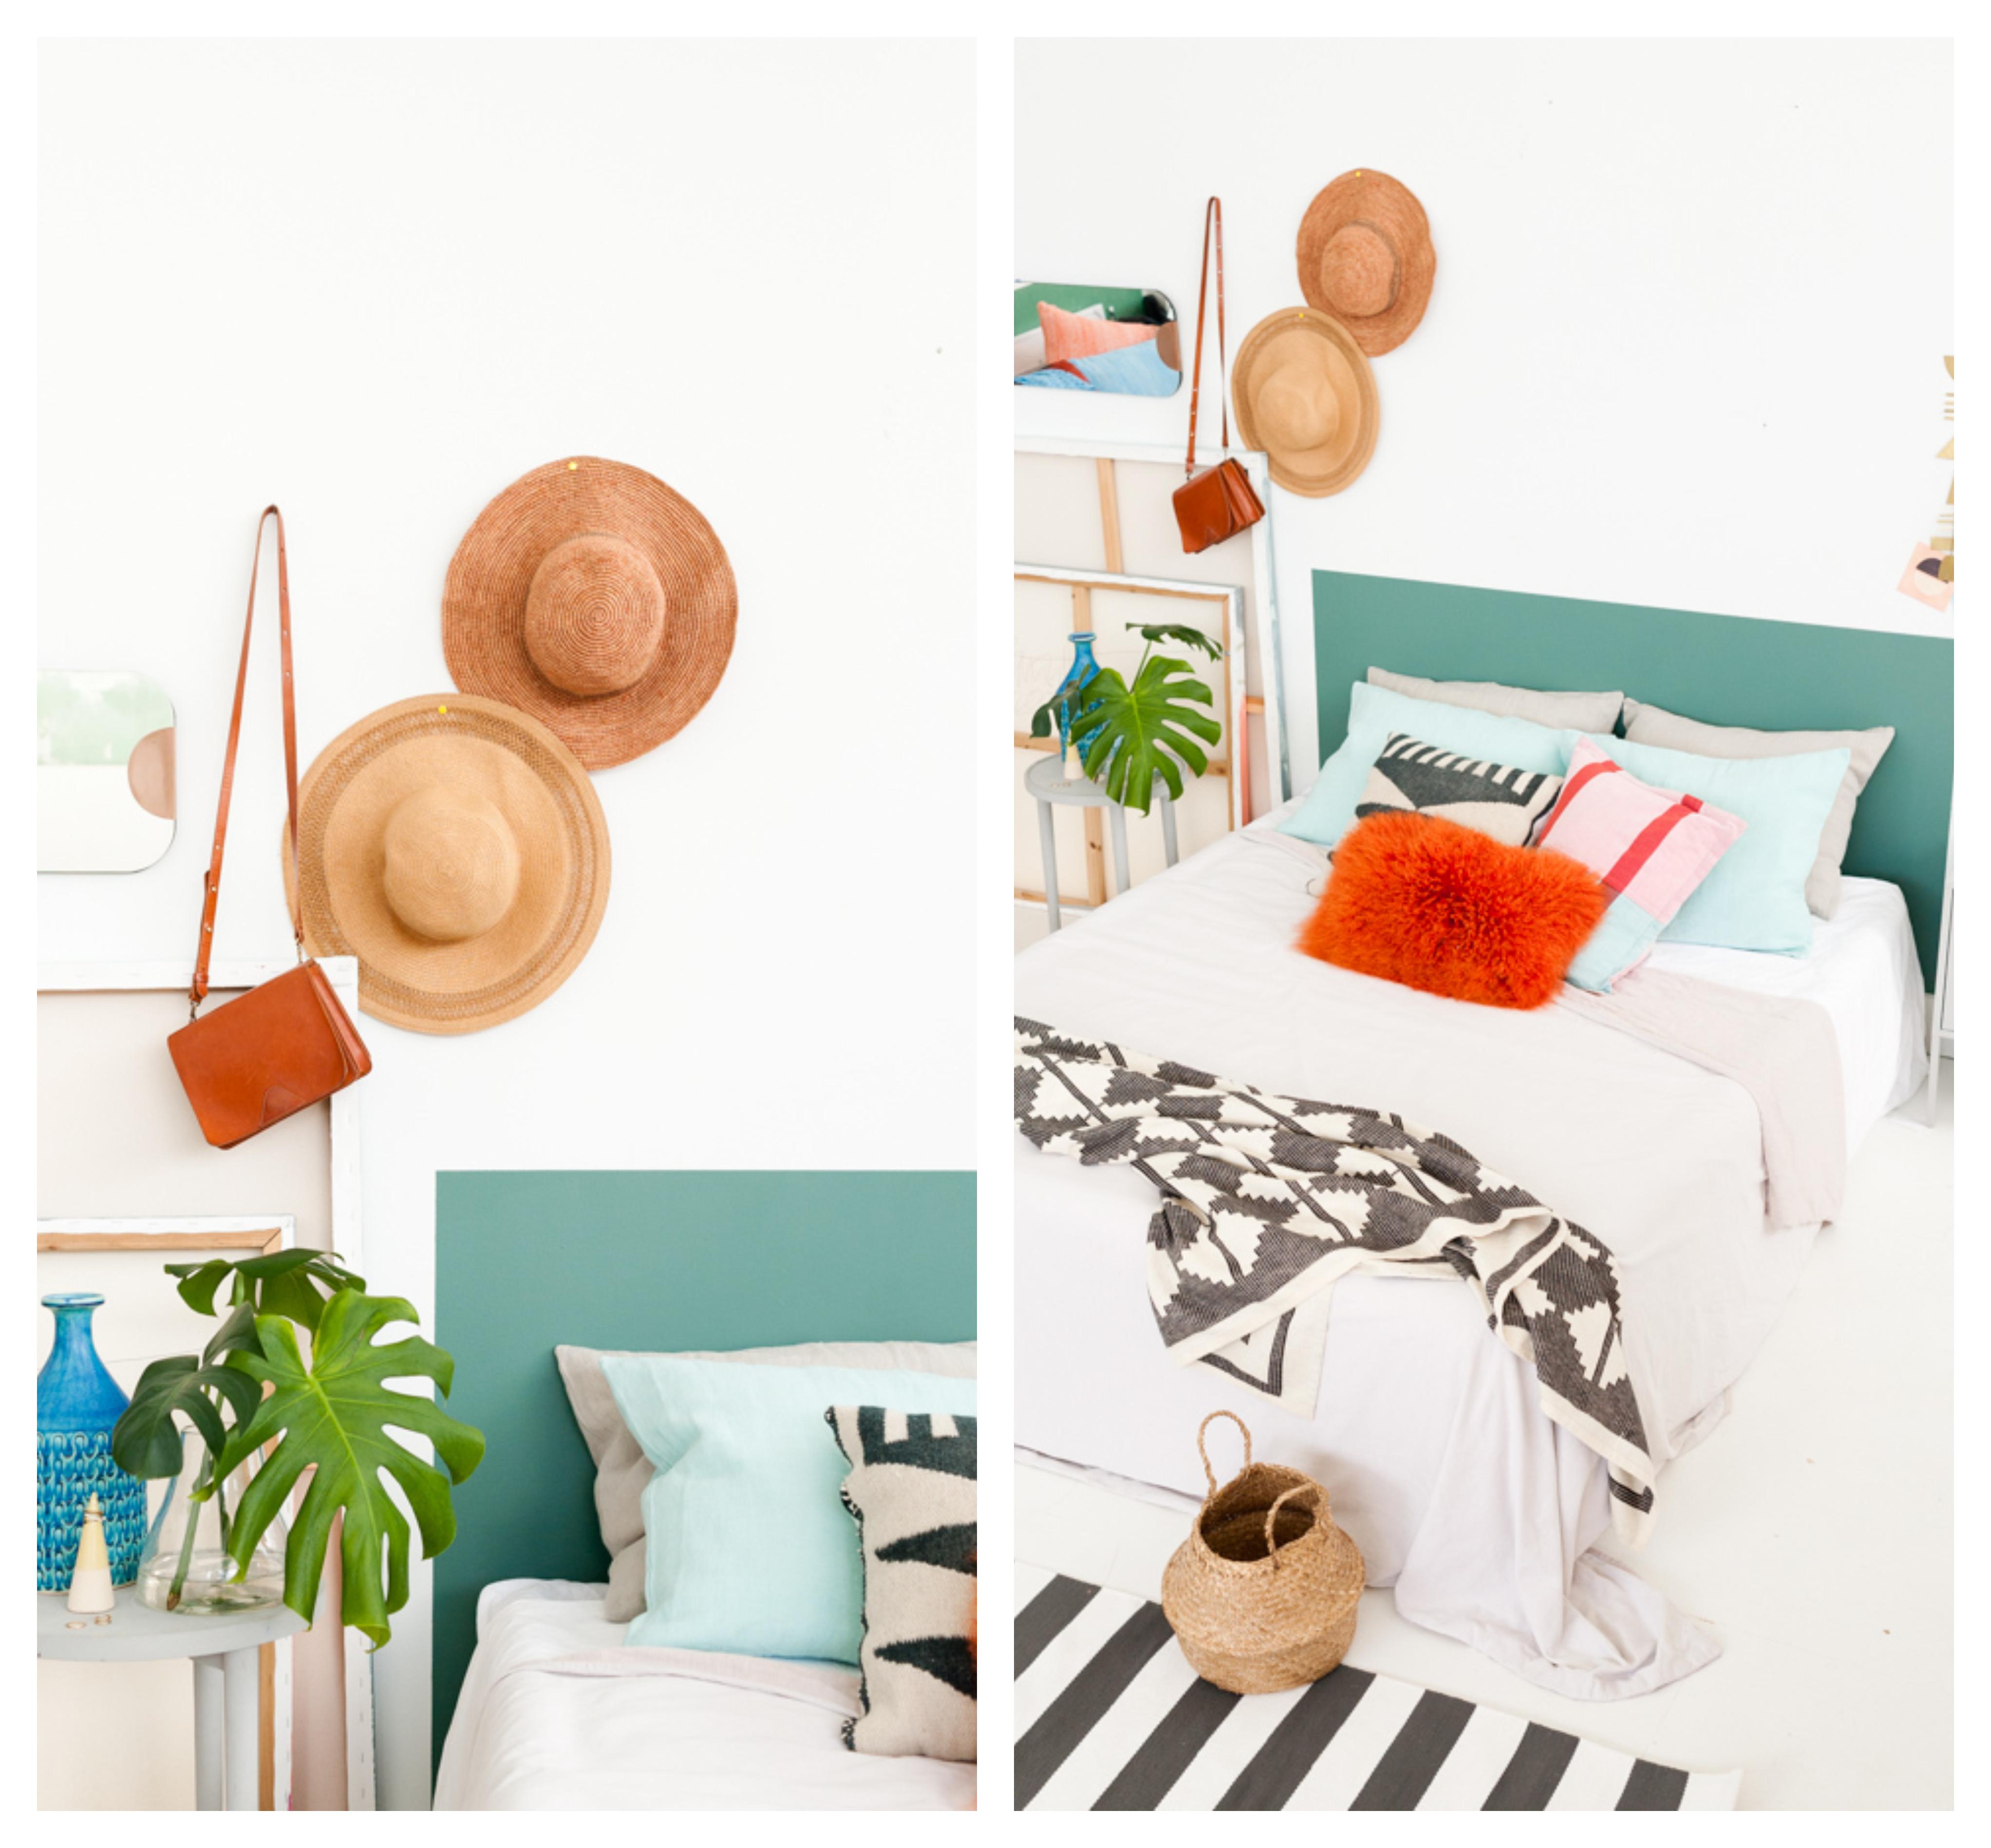 deco tete de lit en peinture vert foret, coussins décoratifs, linge de lit noir et blanc, deco chapeaux, vase et plantes sur une table de nuit blanche